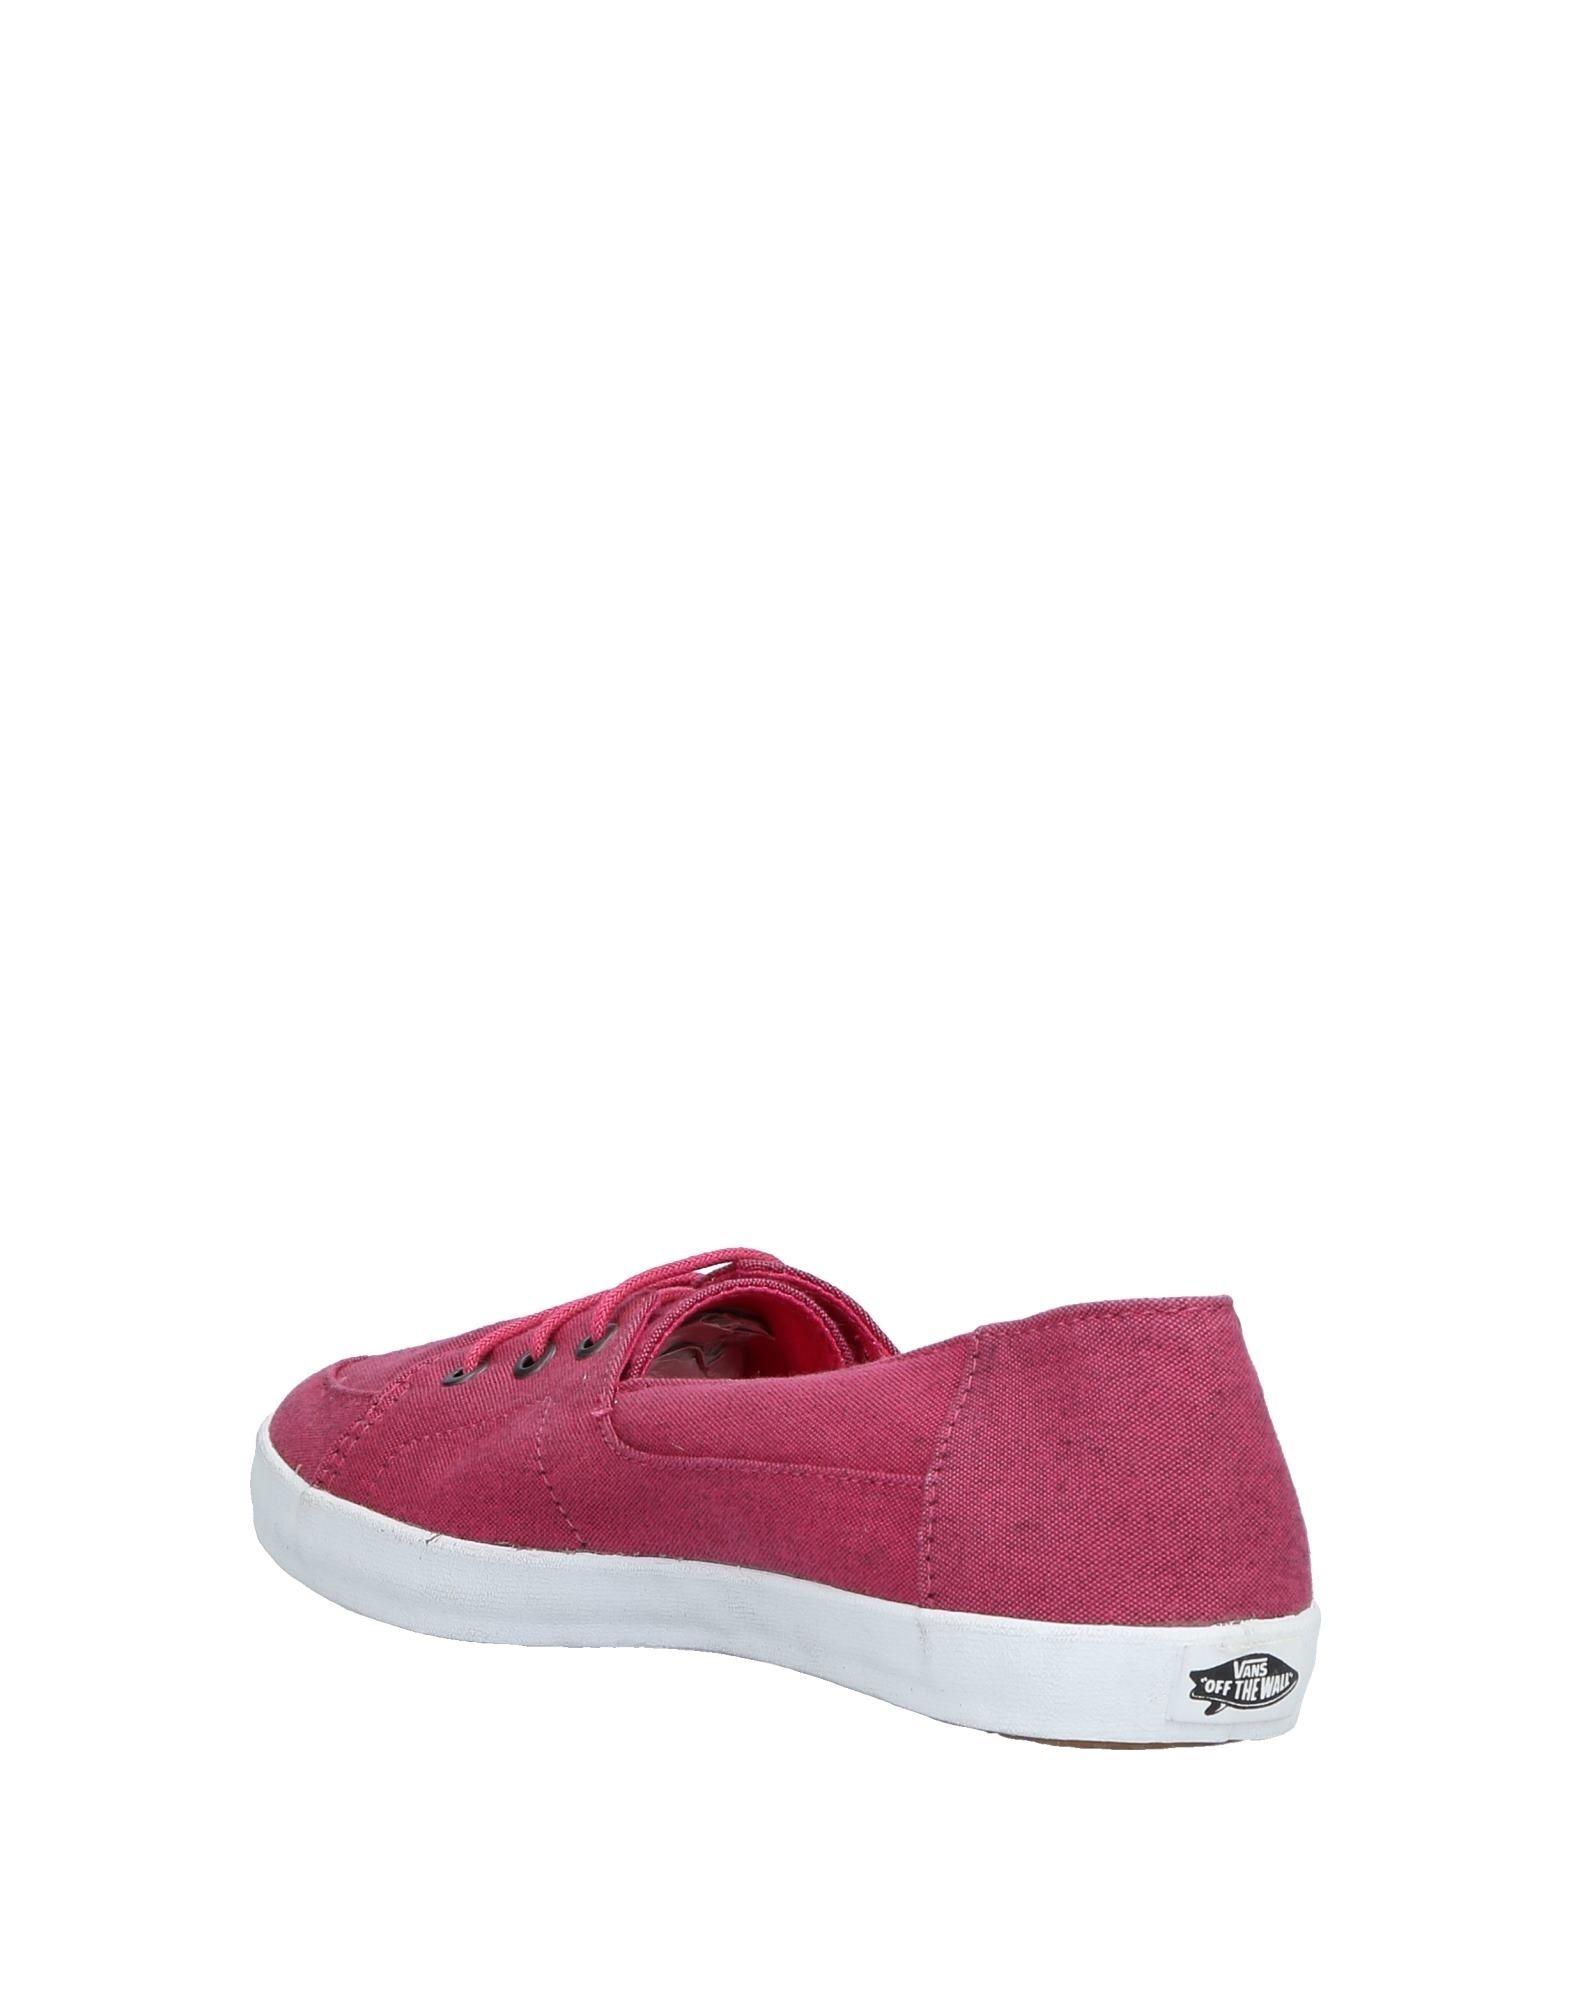 Vans Sneakers Damen  Schuhe 11519953UD Heiße Schuhe  676356